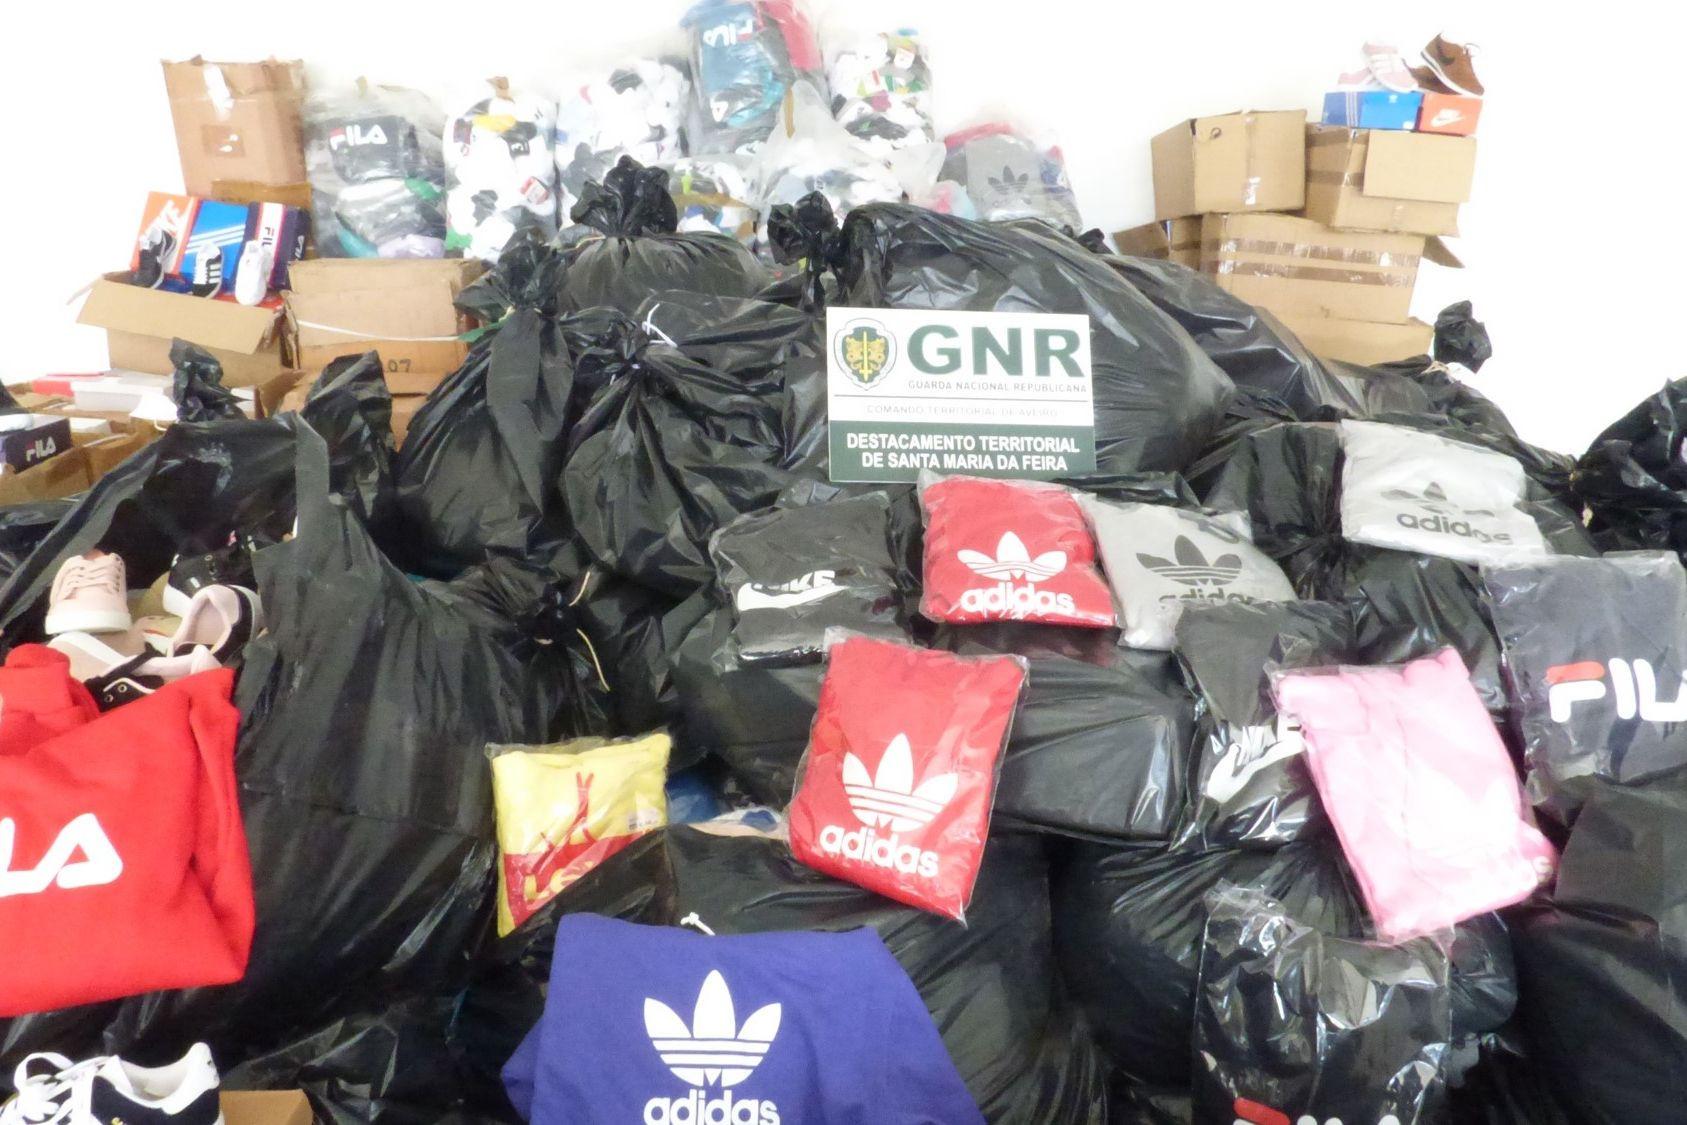 Quatro mil artigos contrafeitos apreendidos na Feira dos Dez